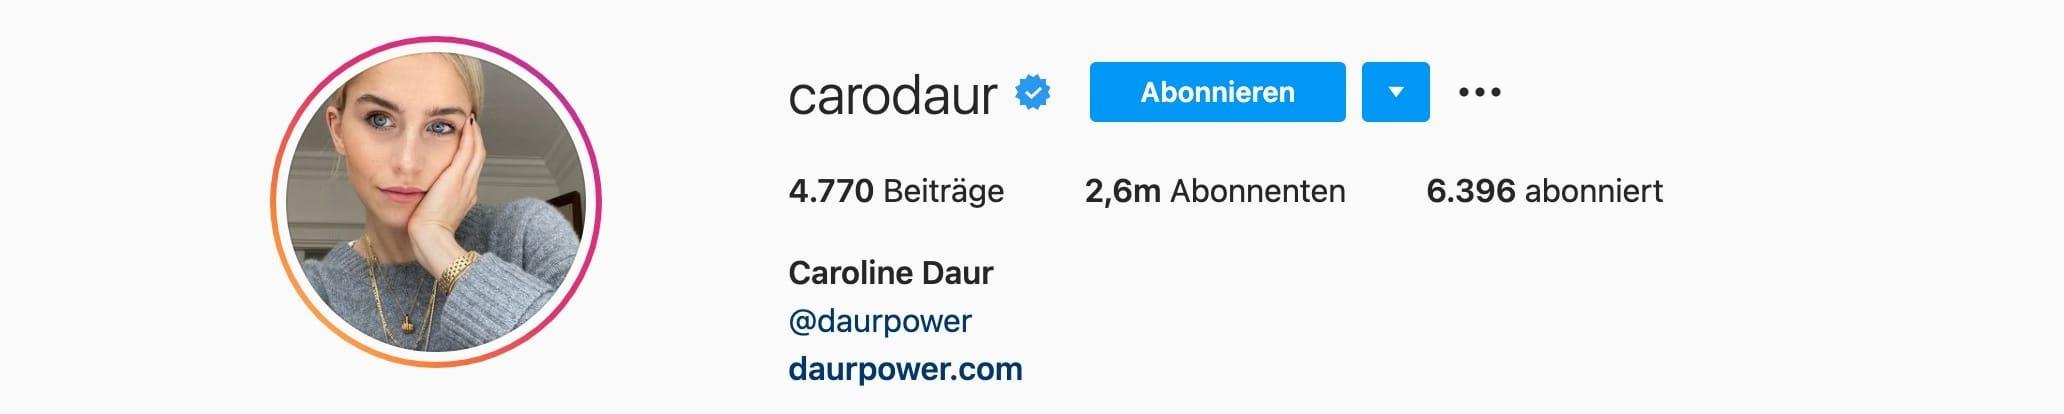 Top-7-Instagram-Influencer-Deutschland-Caro-Daur-